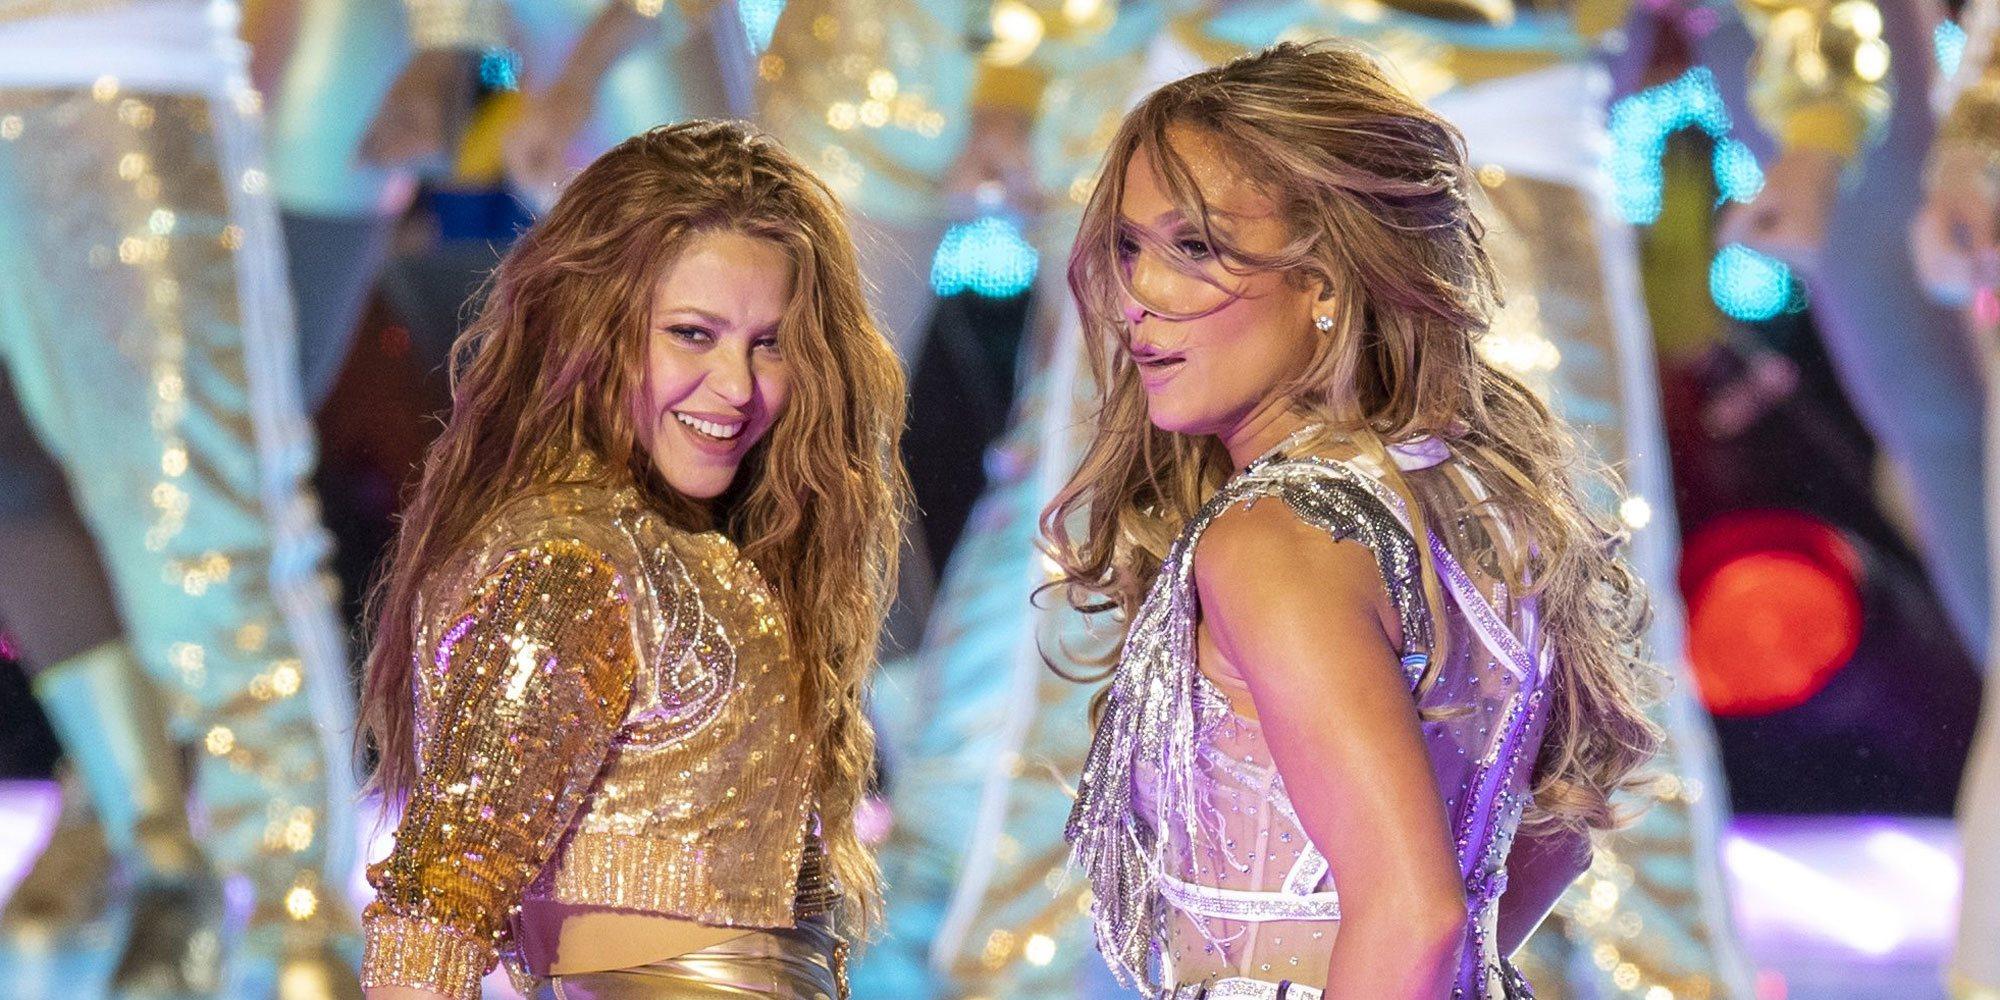 Un hombre pide una indemnización por el show 'porno' de Shakira y Jennifer Lopez en la Super Bowl 2020